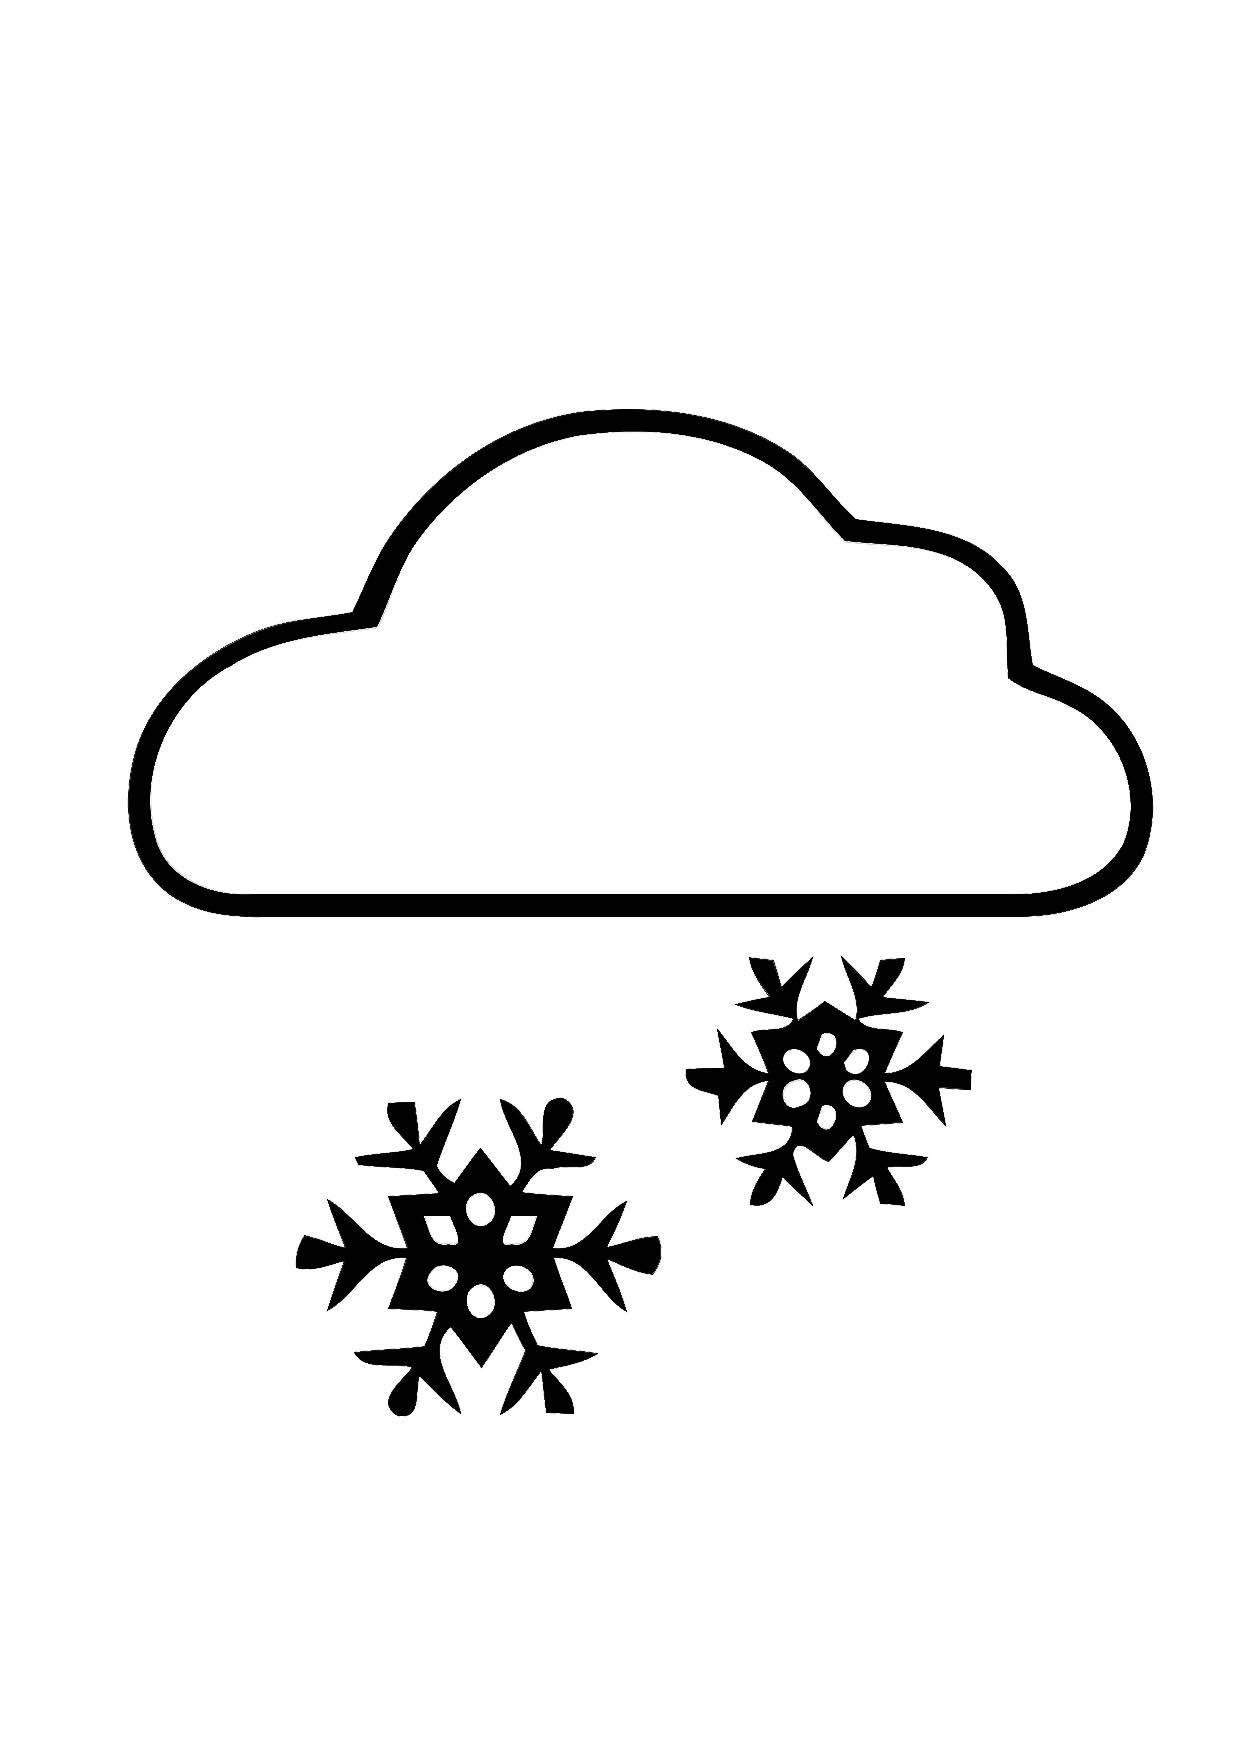 malvorlage 01a schnee  kostenlose ausmalbilder zum